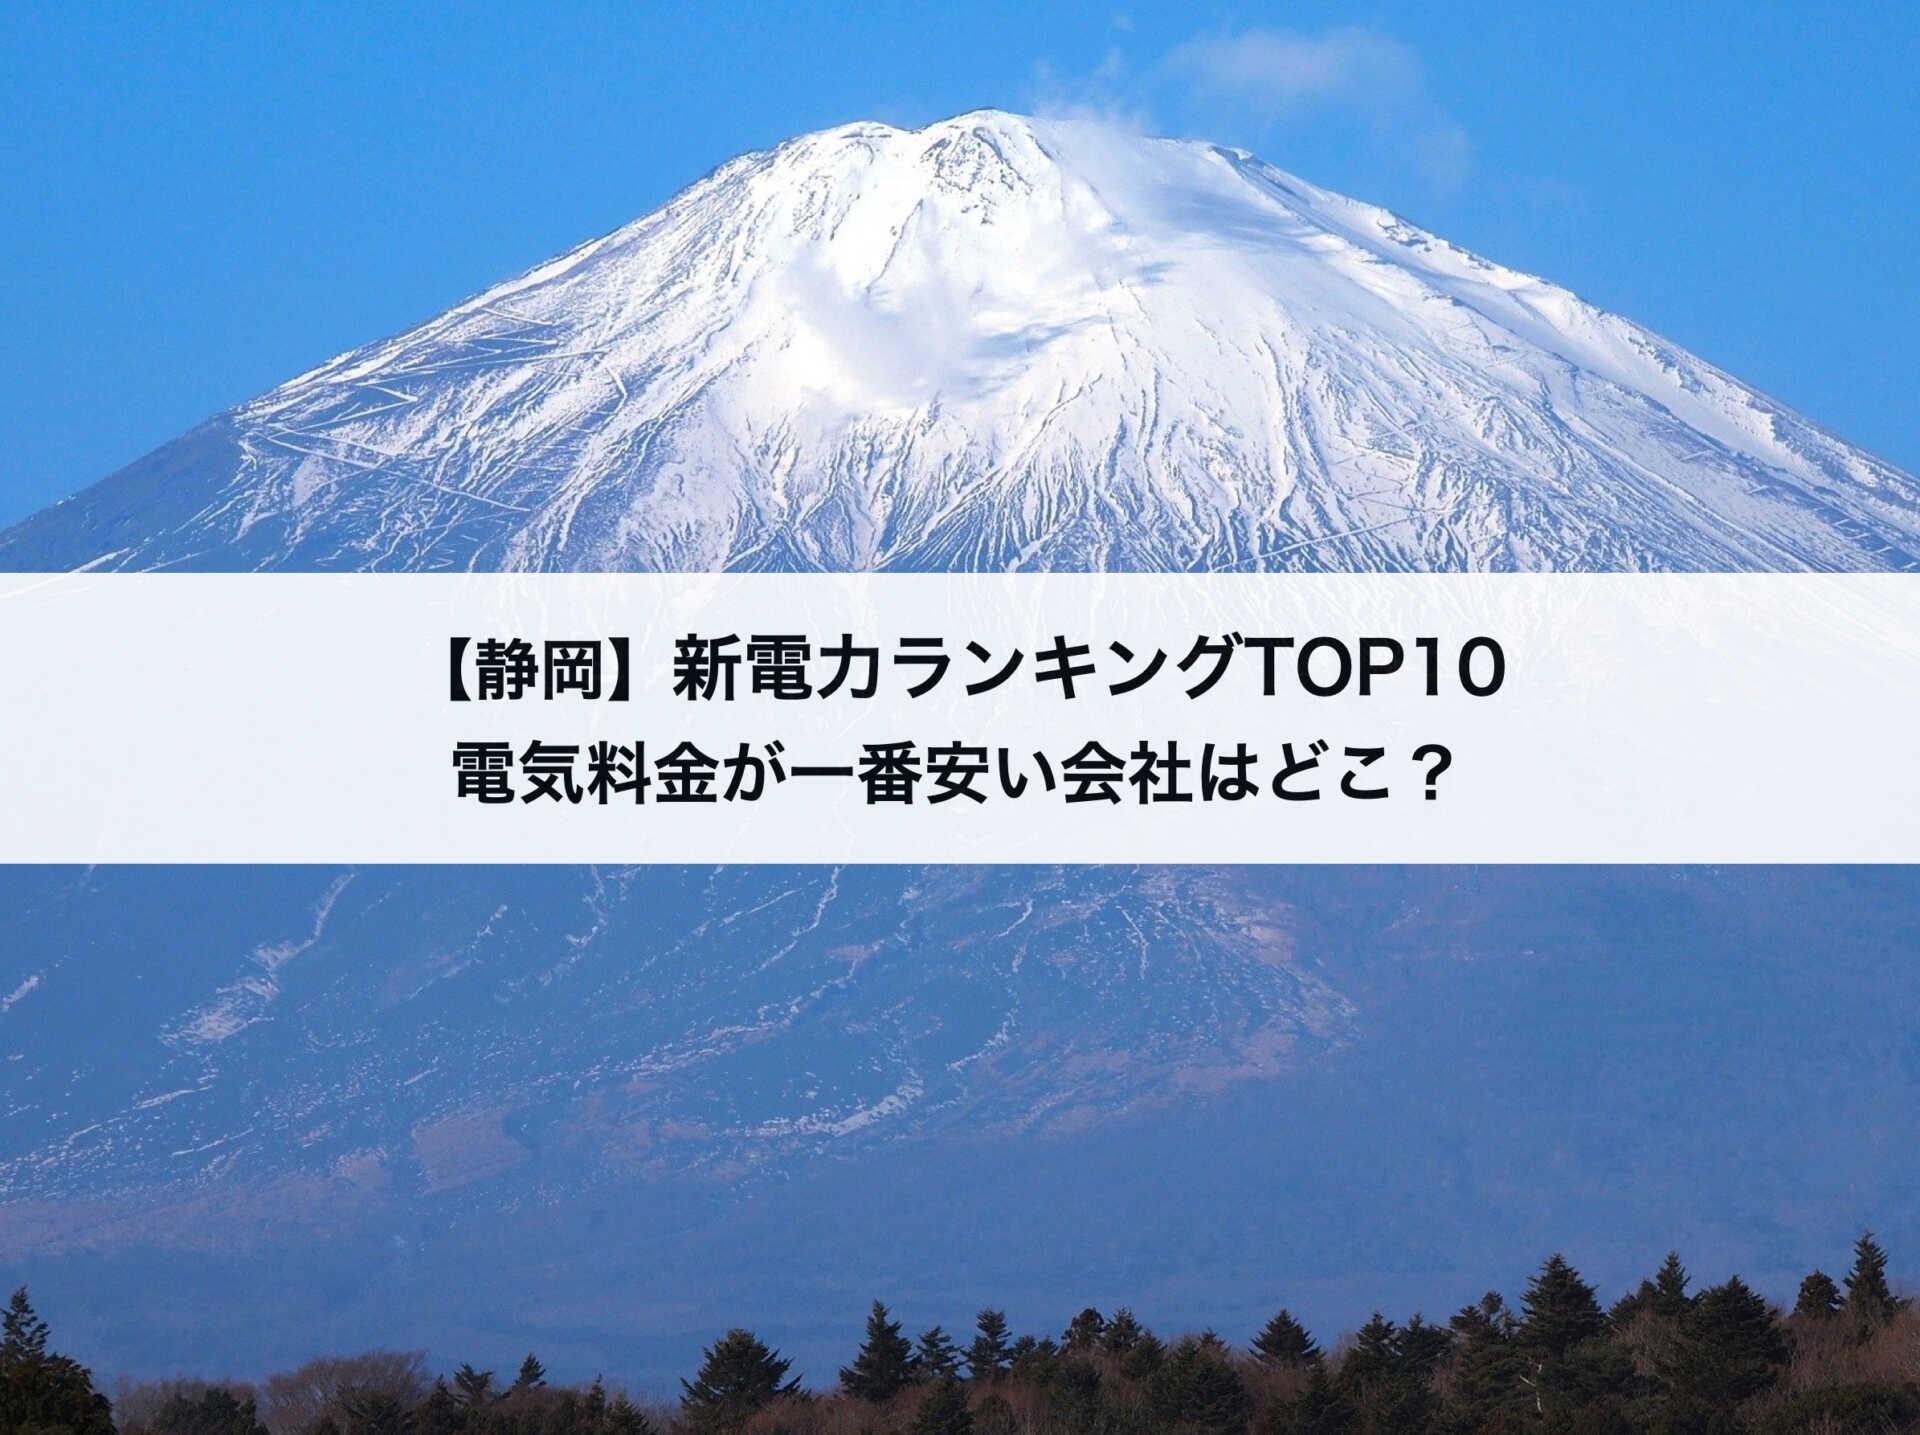 【静岡県】新電力会社おすすめランキングTOP10|中部・東京電力と比較して安い電力会社はどこ?